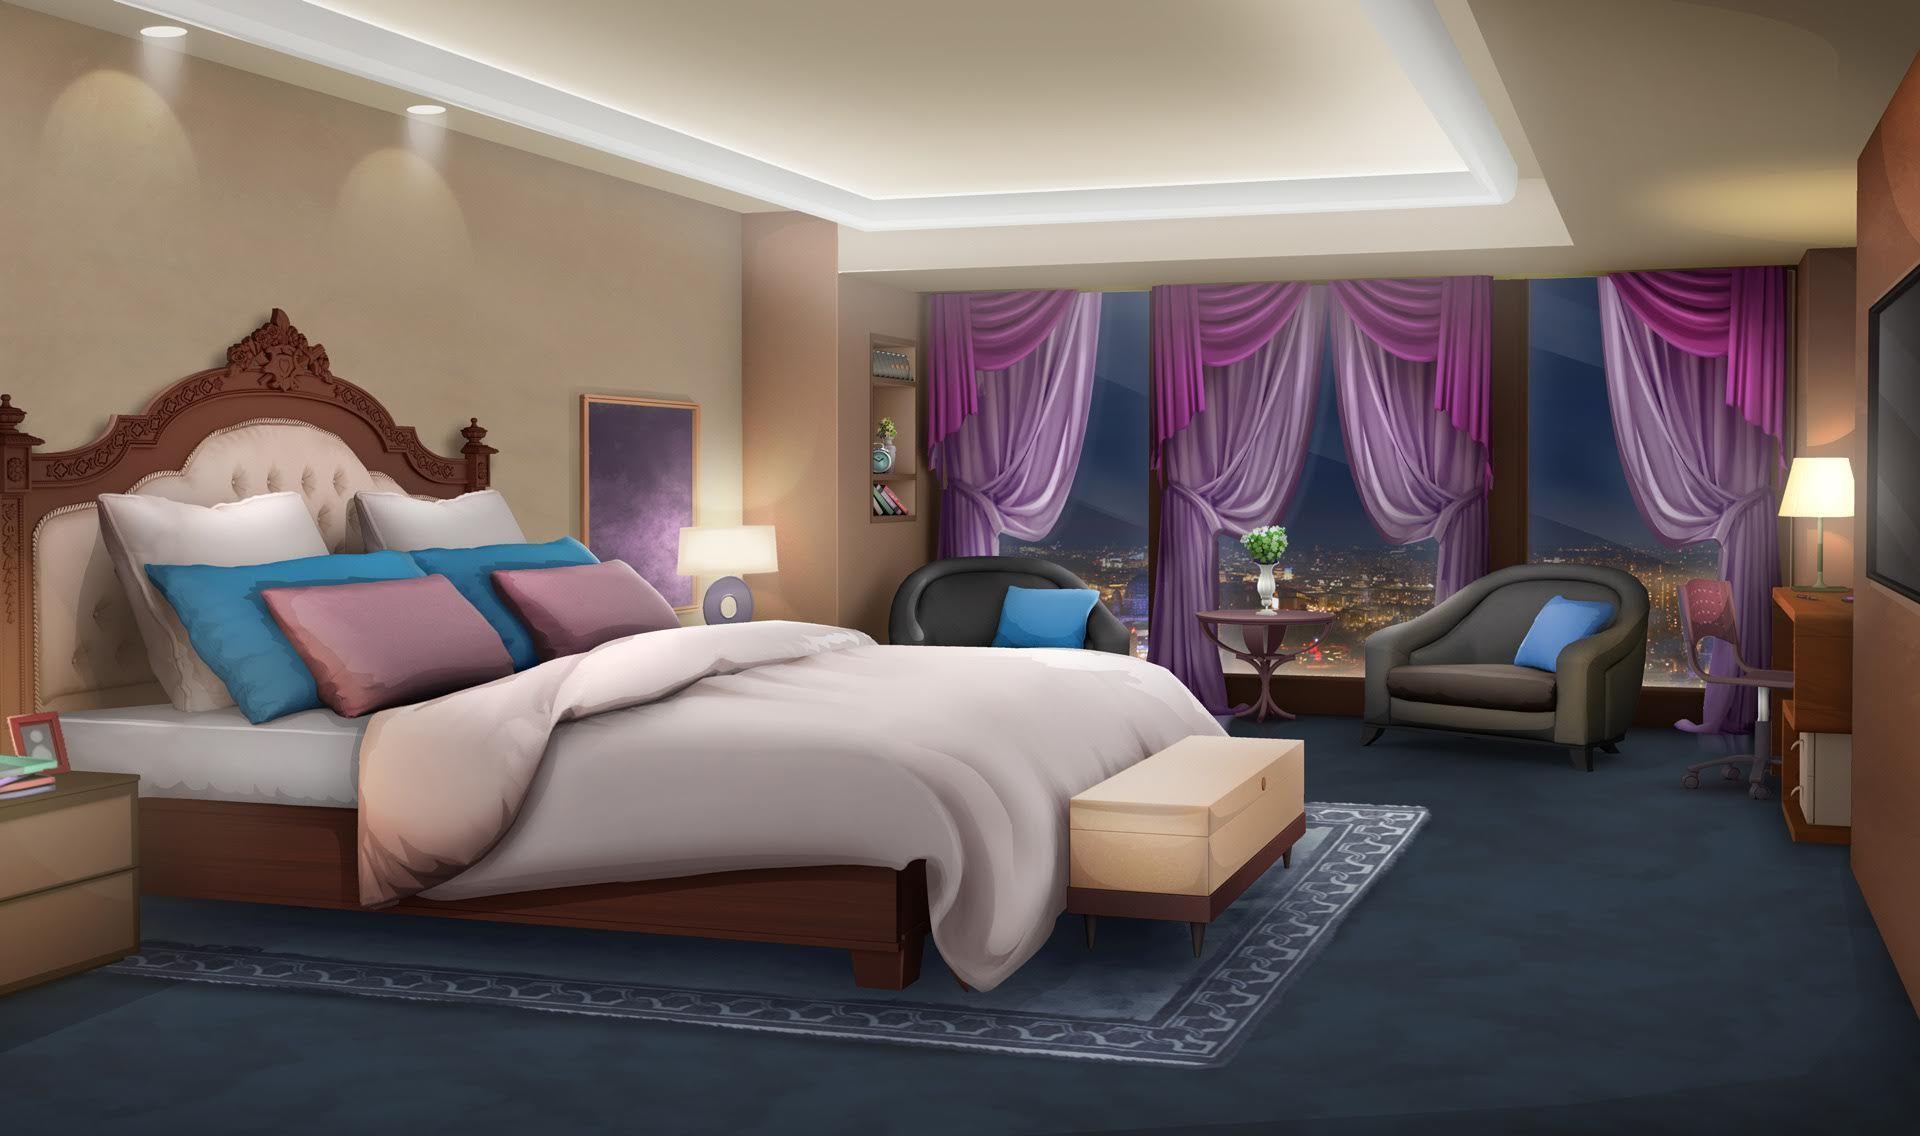 Night Bedroom App Episode interactive backgrounds